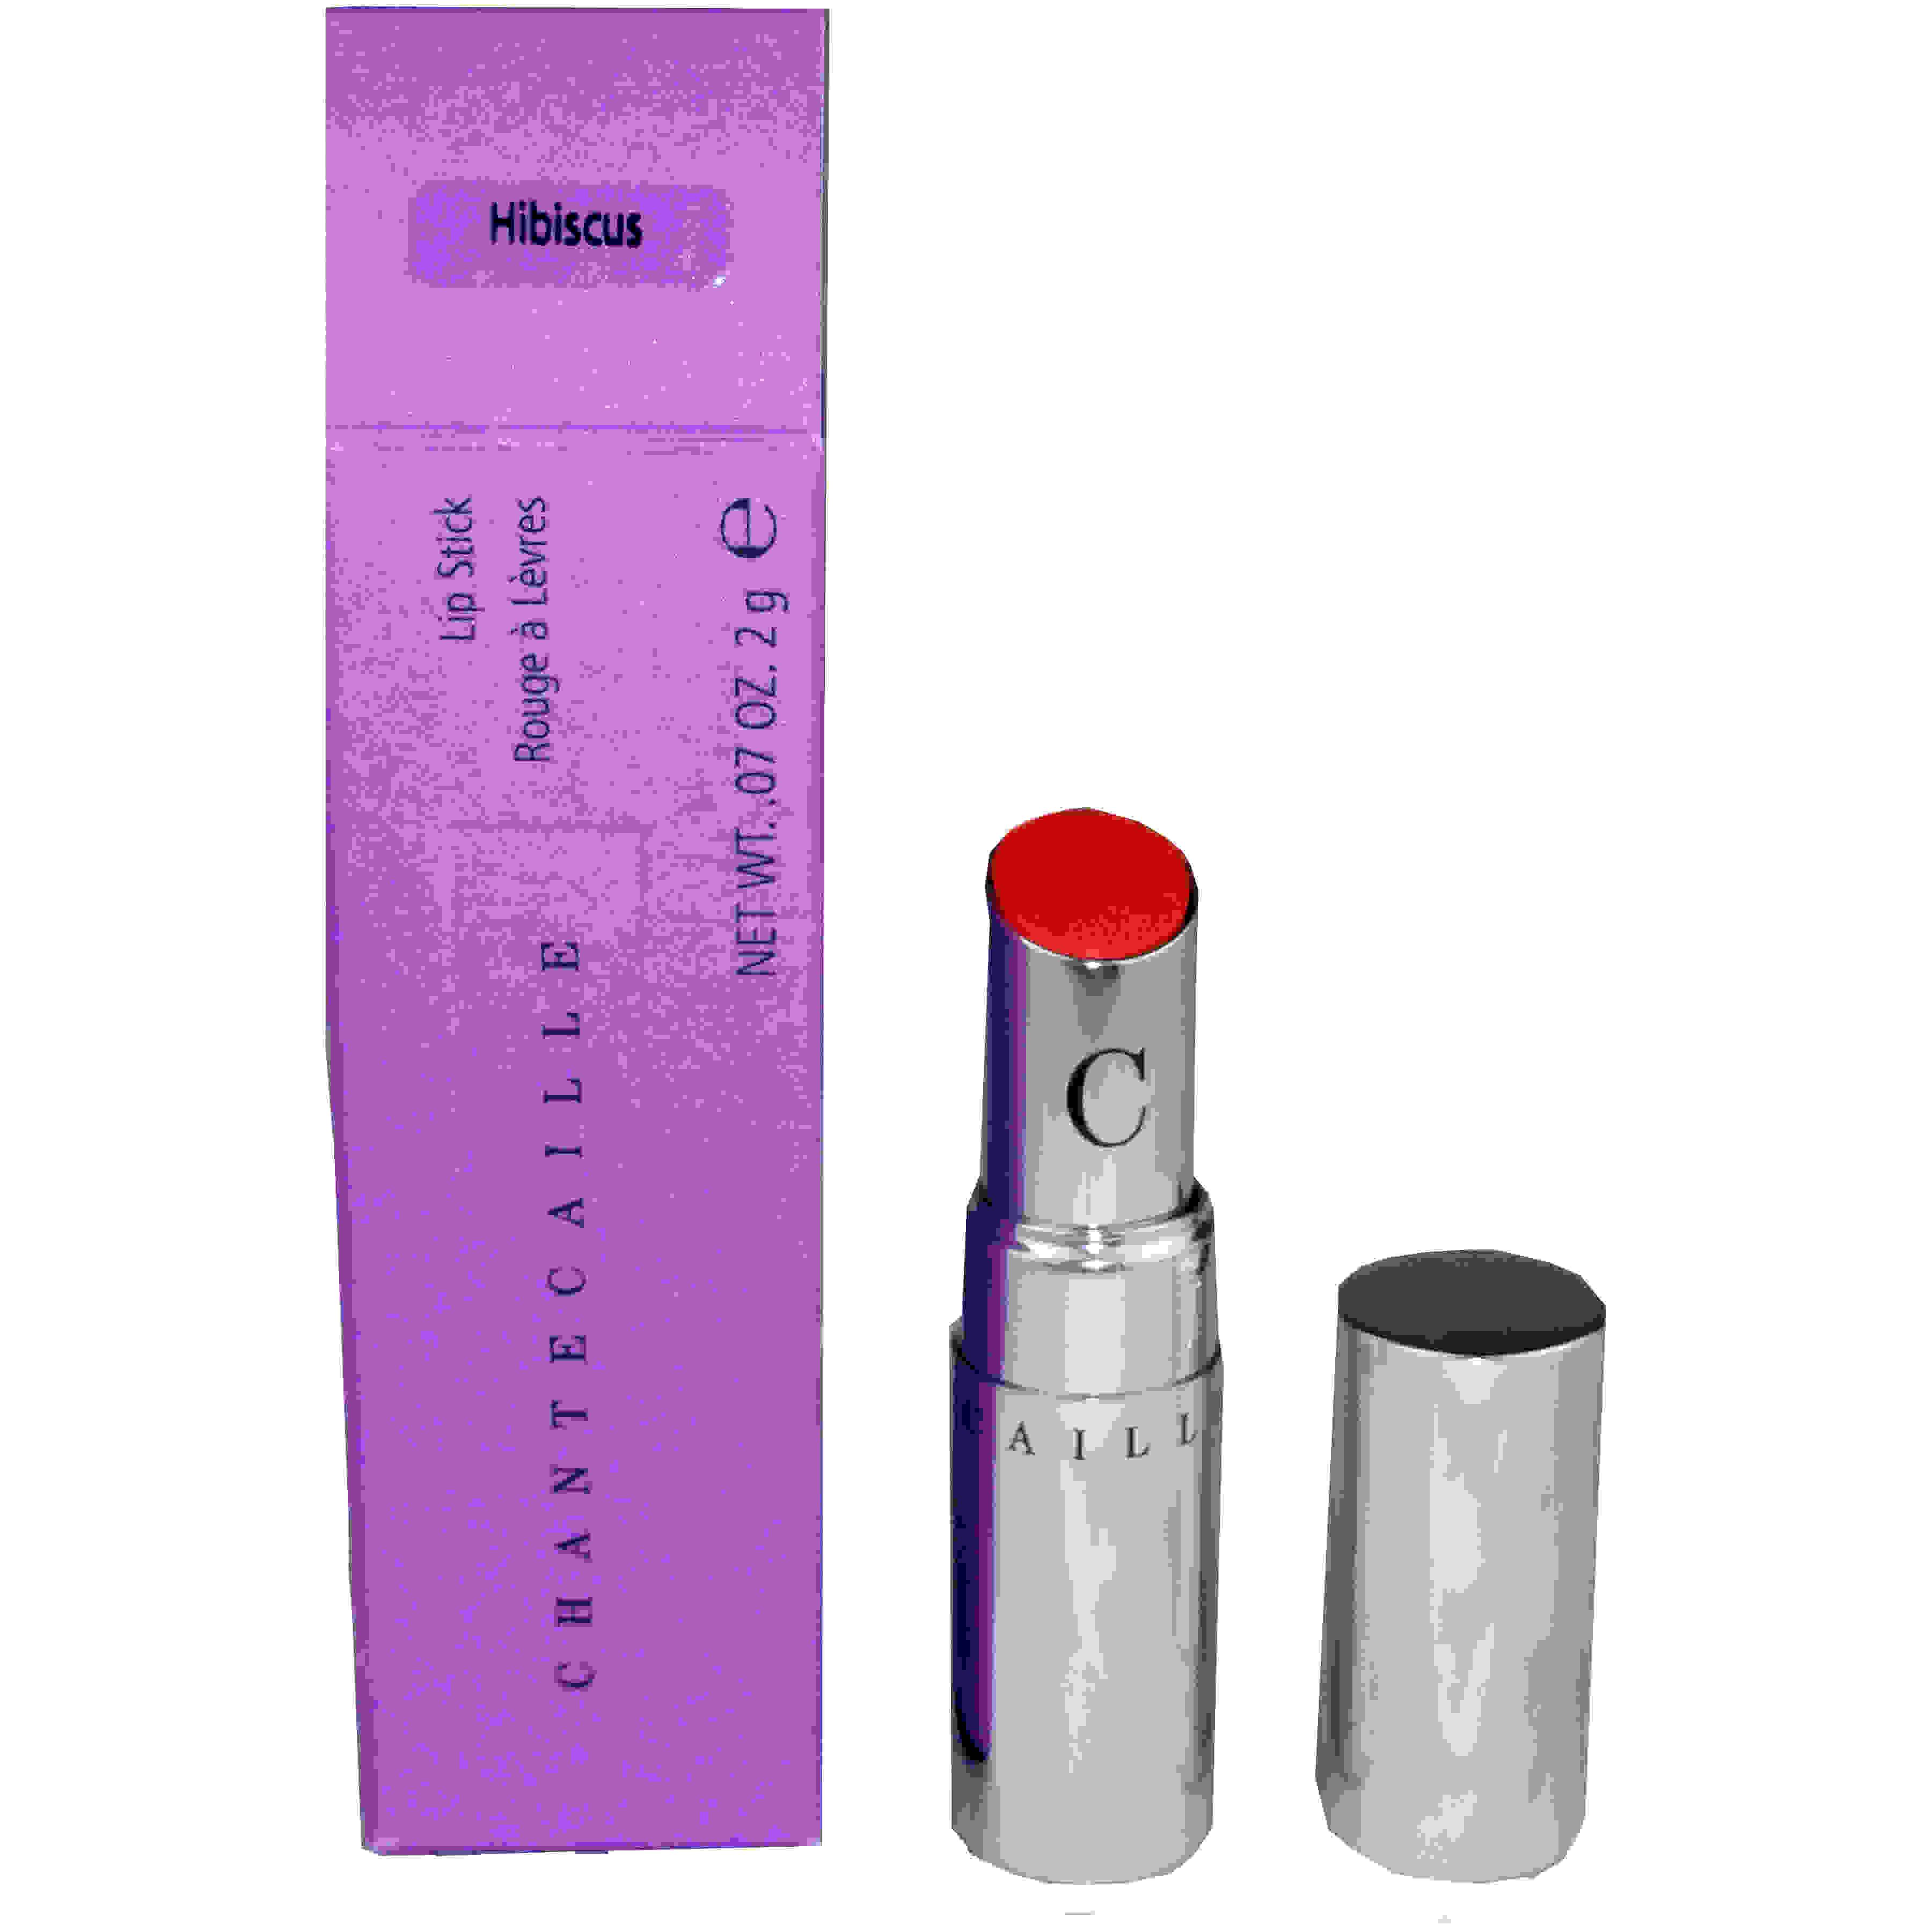 Chantecaille Hibiscus Lipstick # 03133 .07 oz